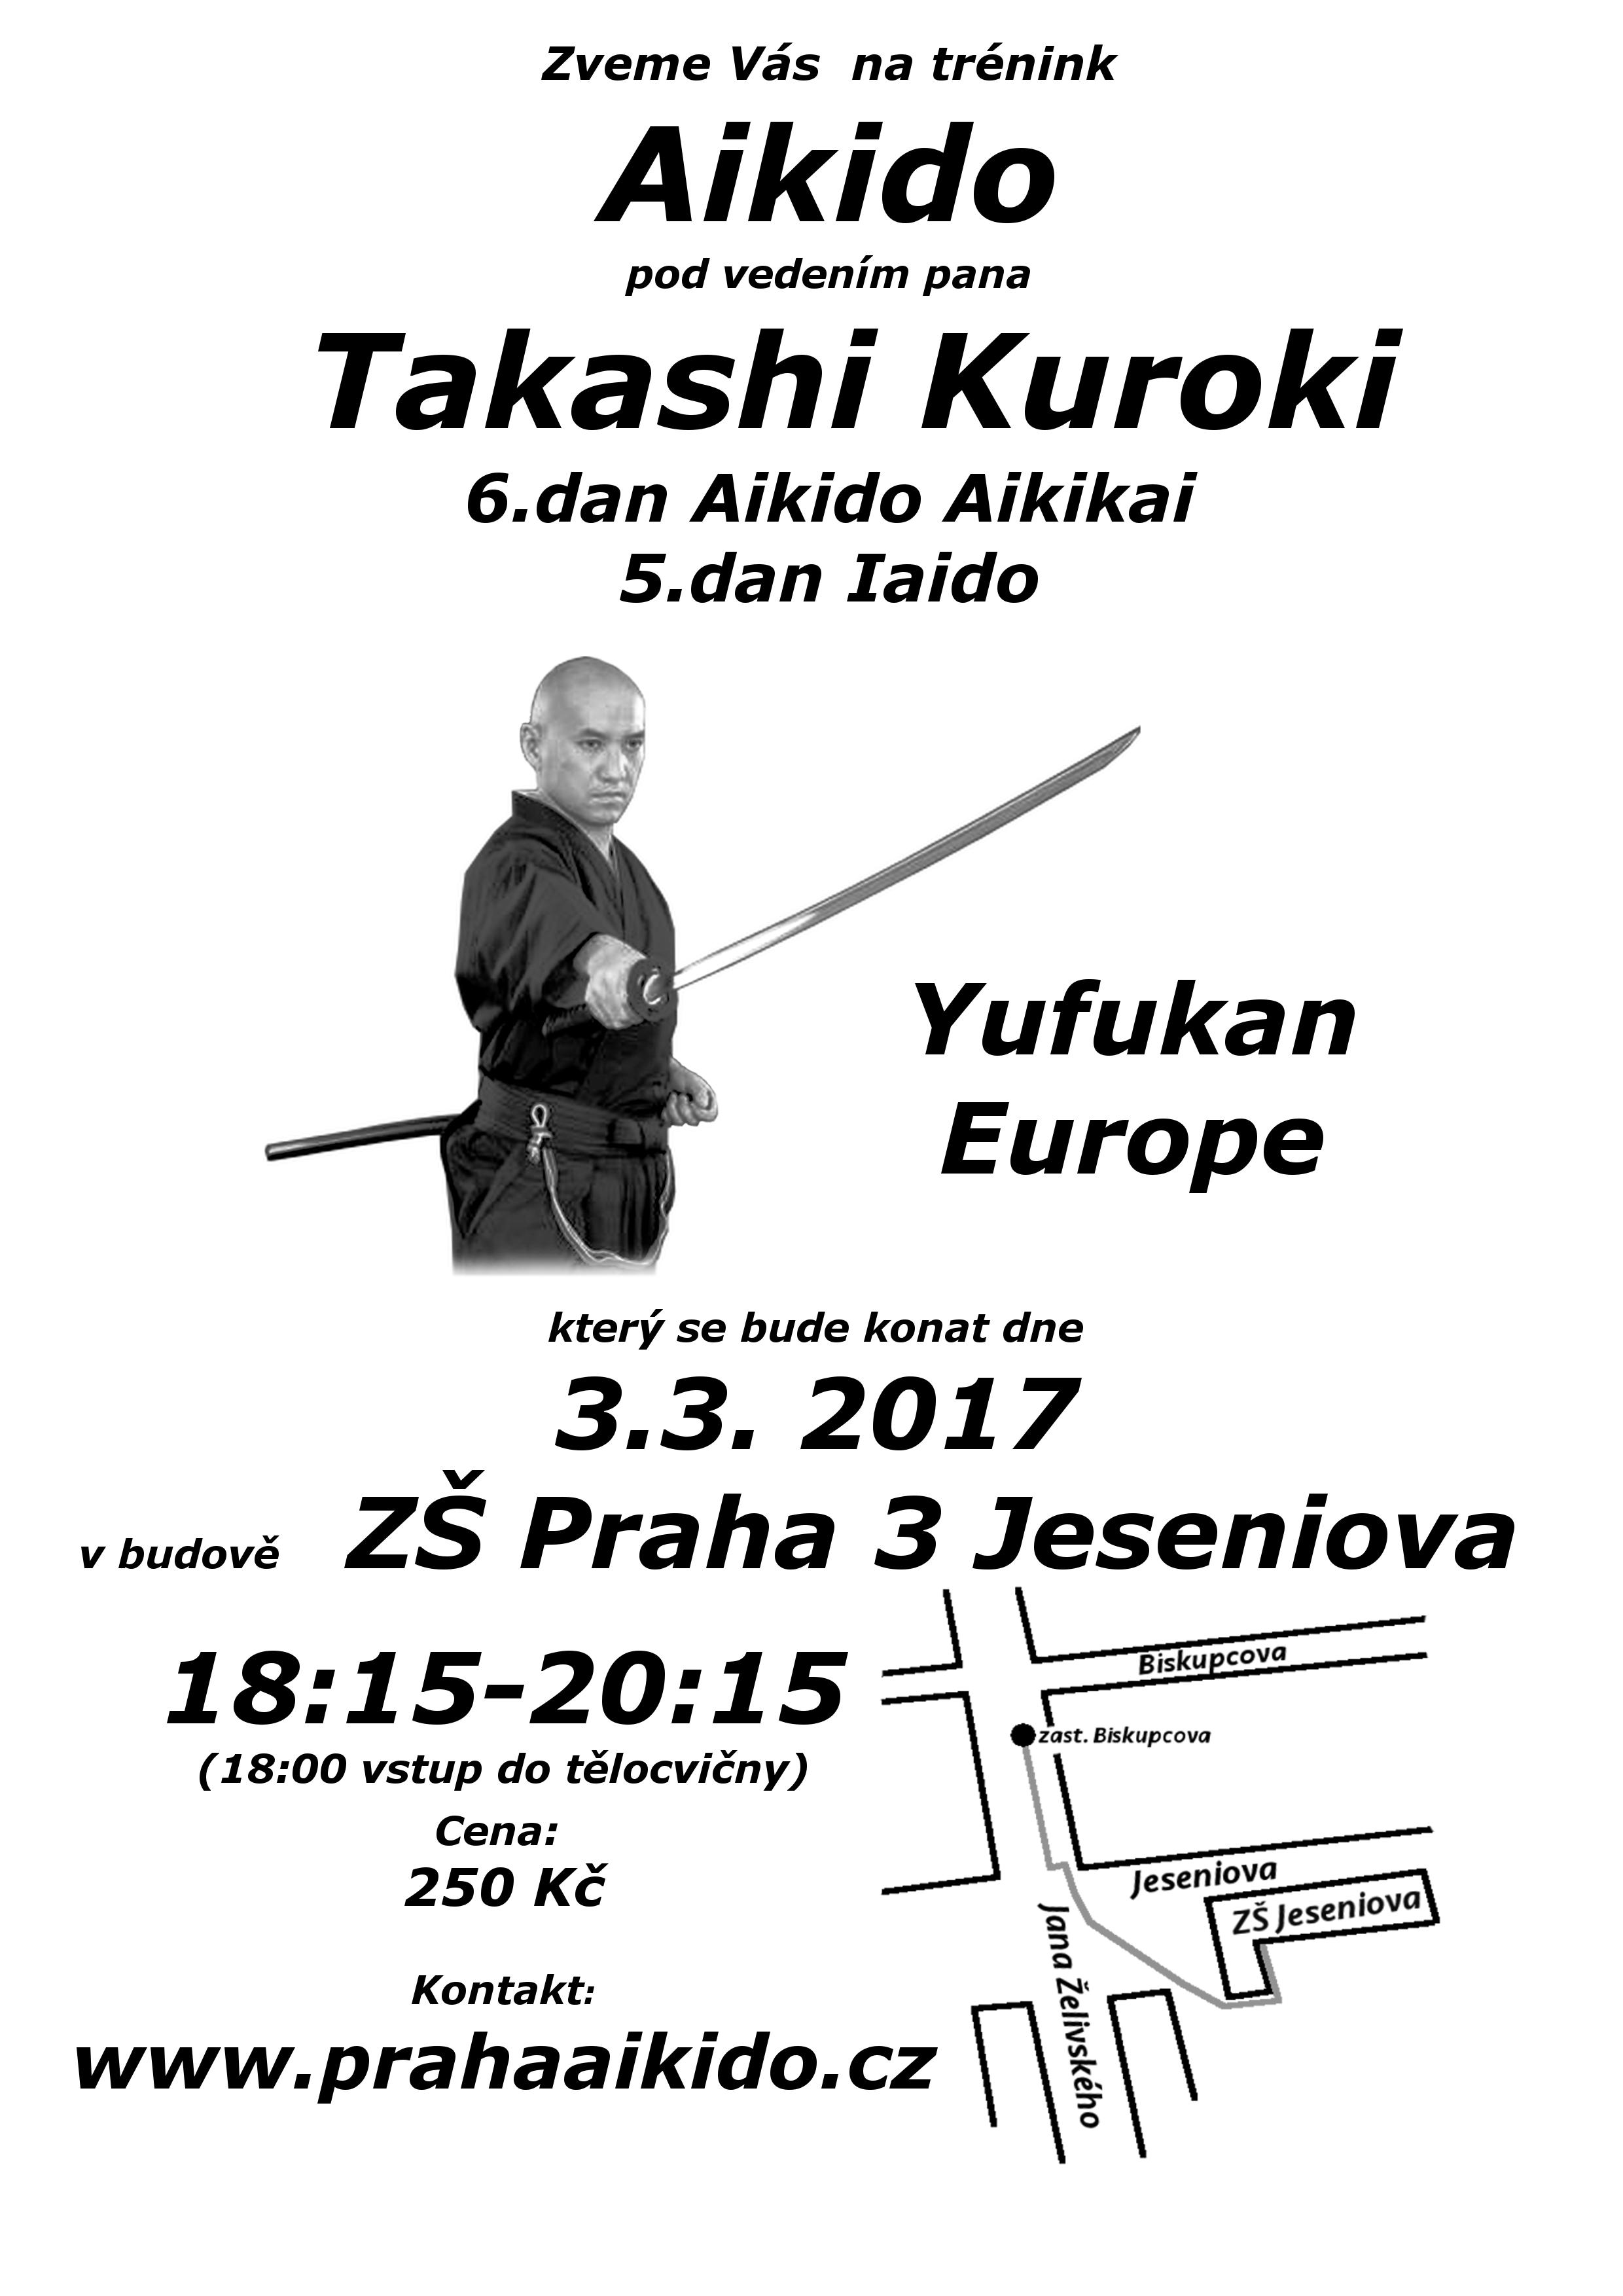 Kuroki-Plakat-2017-03